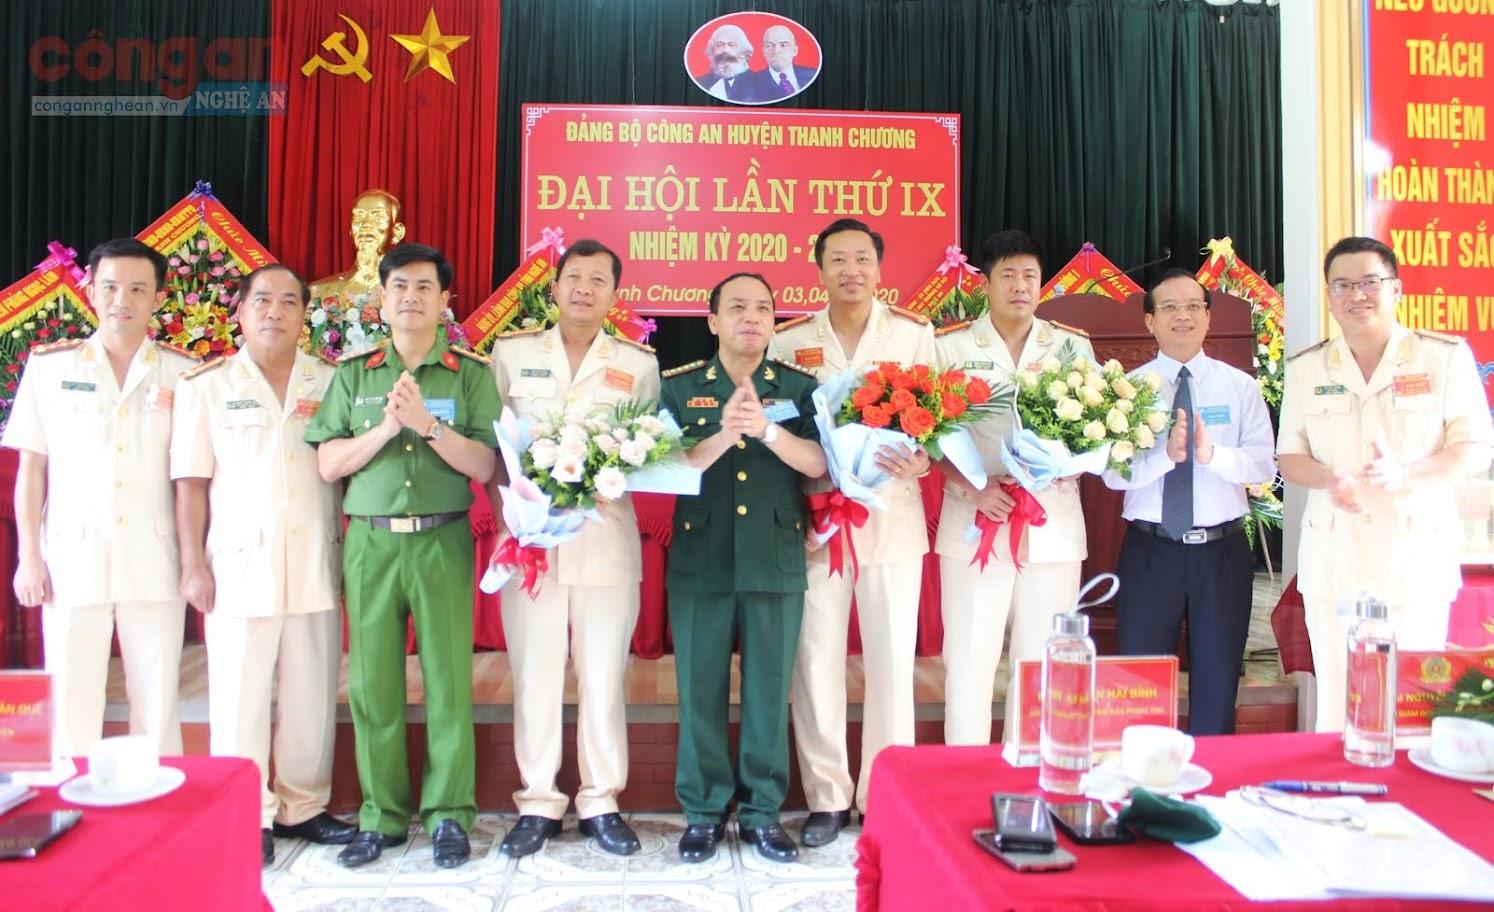 Các đại biểu chúc mừng BCH Đảng bộ Công an huyện Thanh Chương nhiệm kỳ 2020 – 2025